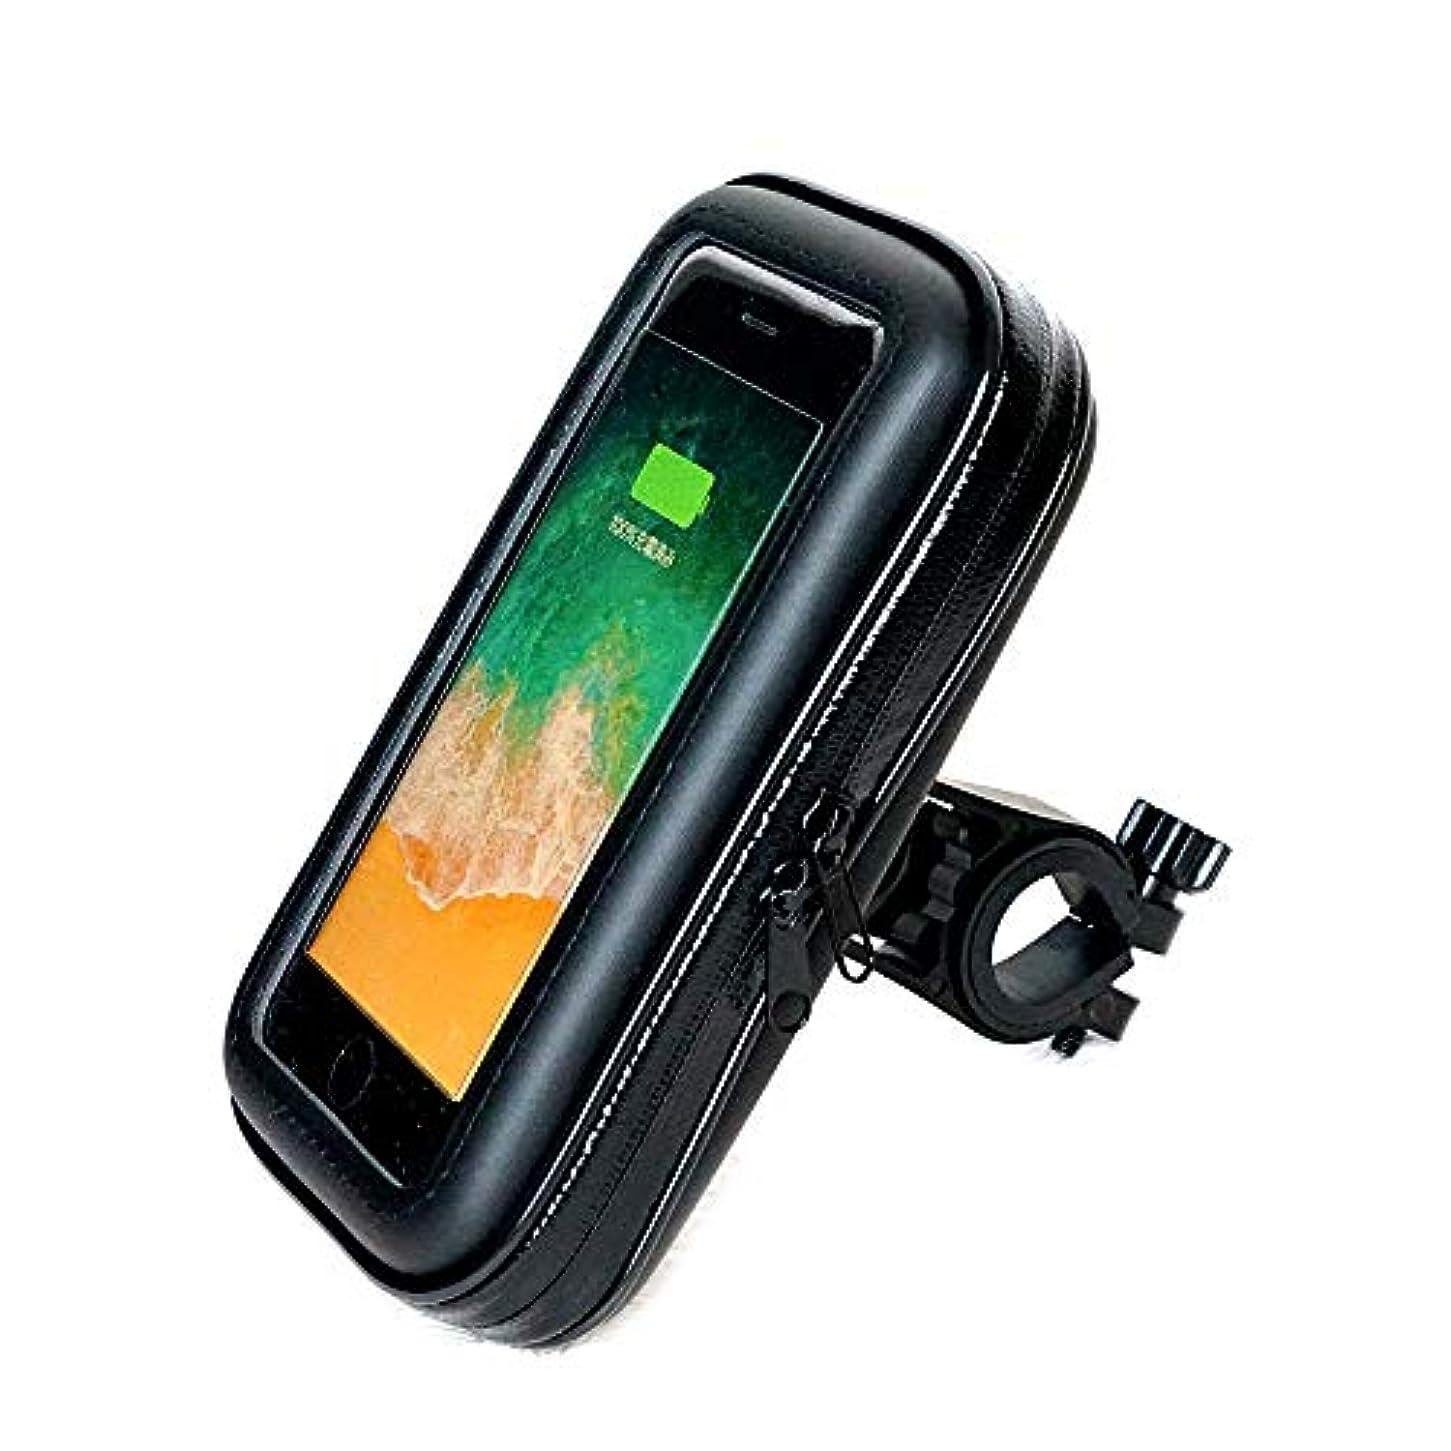 ジョージスティーブンソンうつテスト【富士ツール】防水スマートフォンホルダー 自転車?バイク用 充電しながら iPhone Pixel Galaxy Xperia Huawei各種スマホ対応